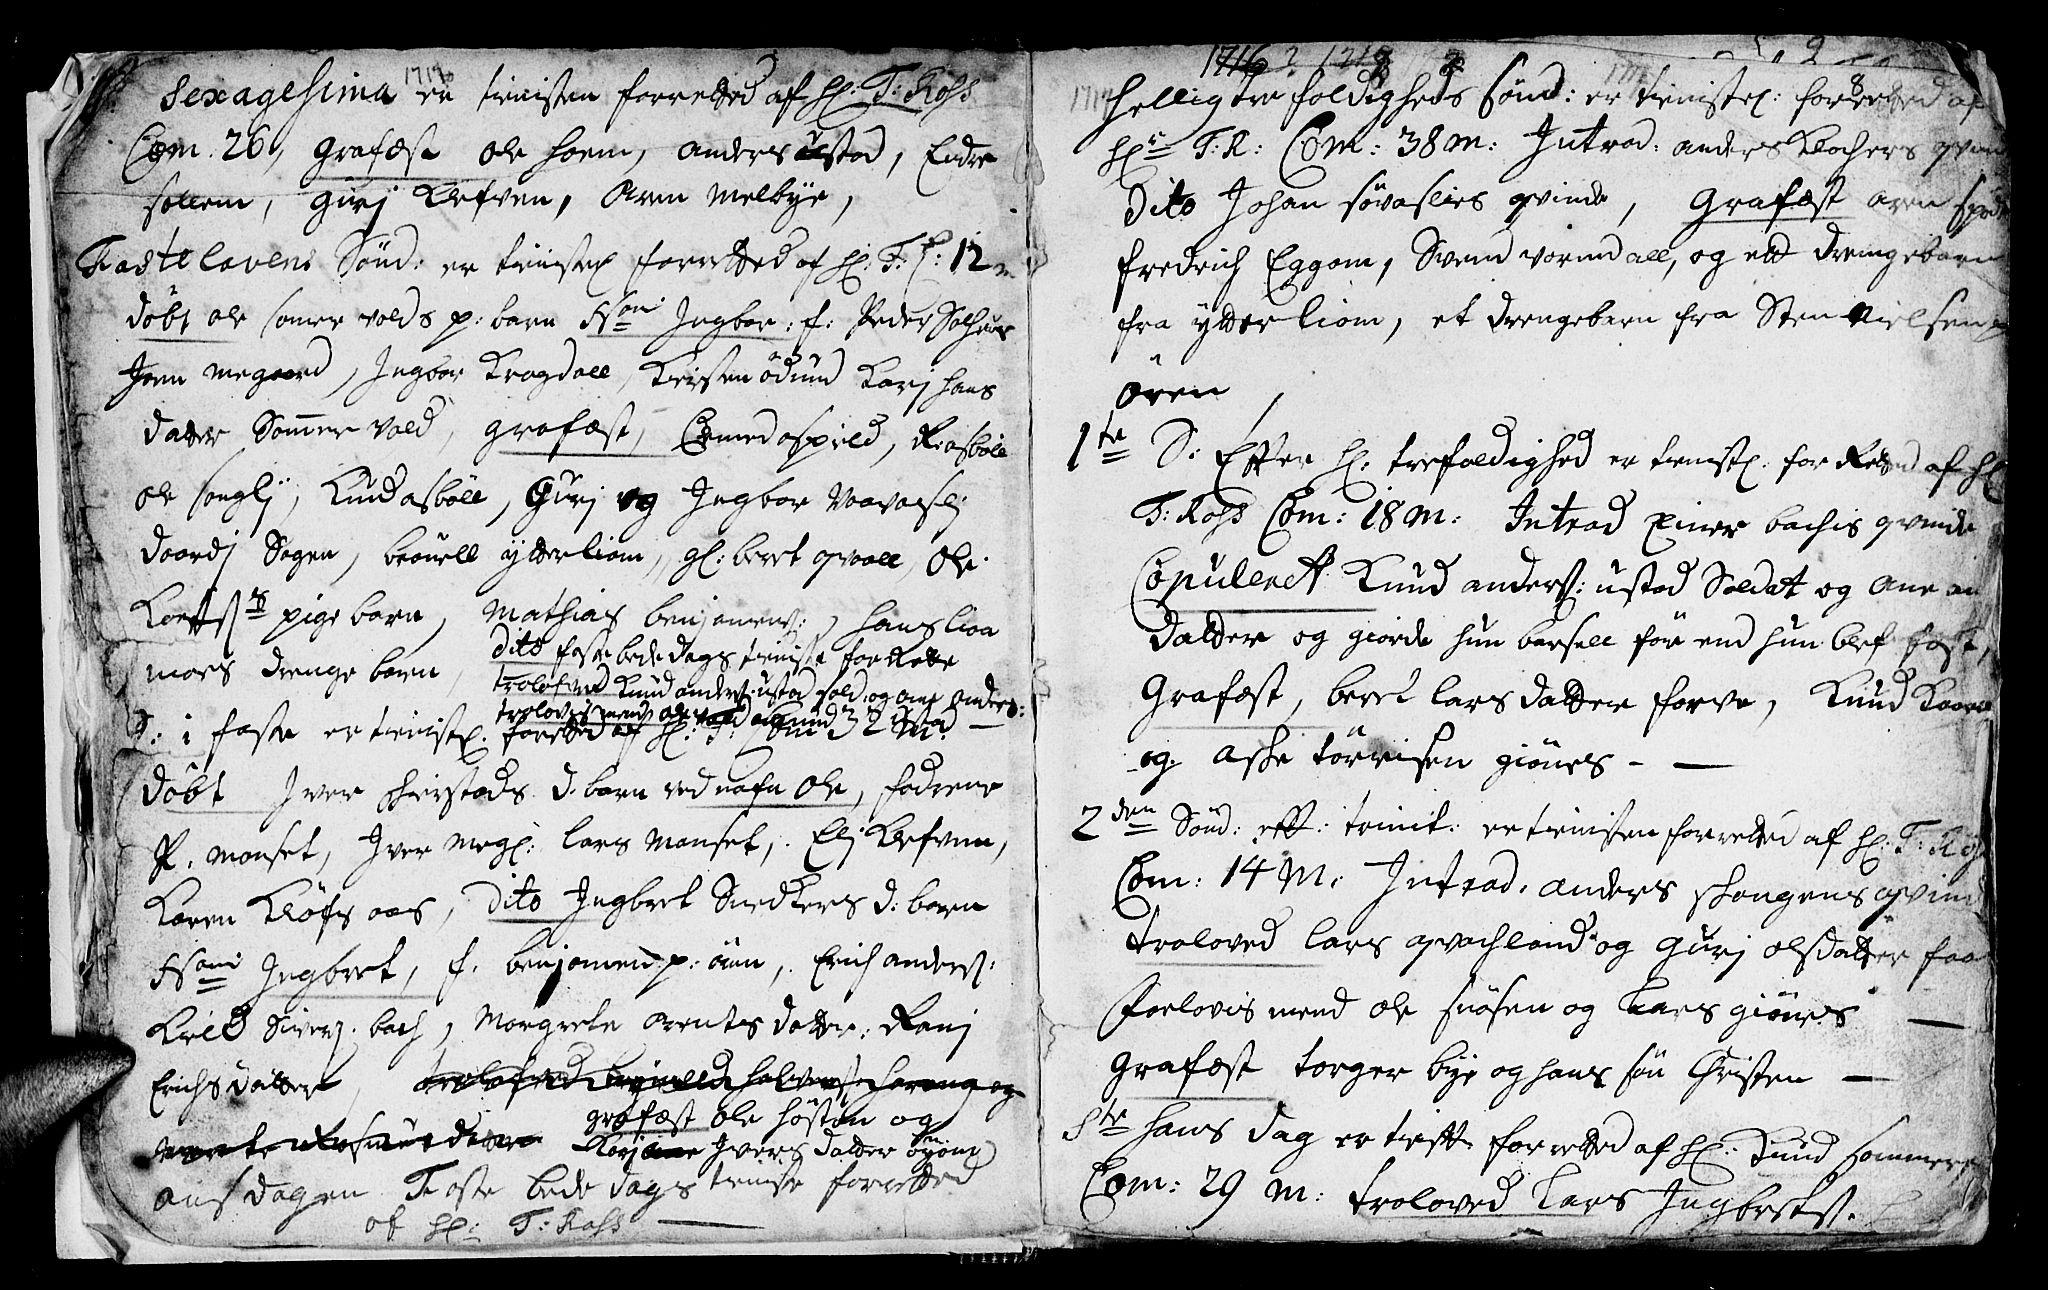 SAT, Ministerialprotokoller, klokkerbøker og fødselsregistre - Sør-Trøndelag, 668/L0812: Klokkerbok nr. 668C01, 1715-1742, s. 8